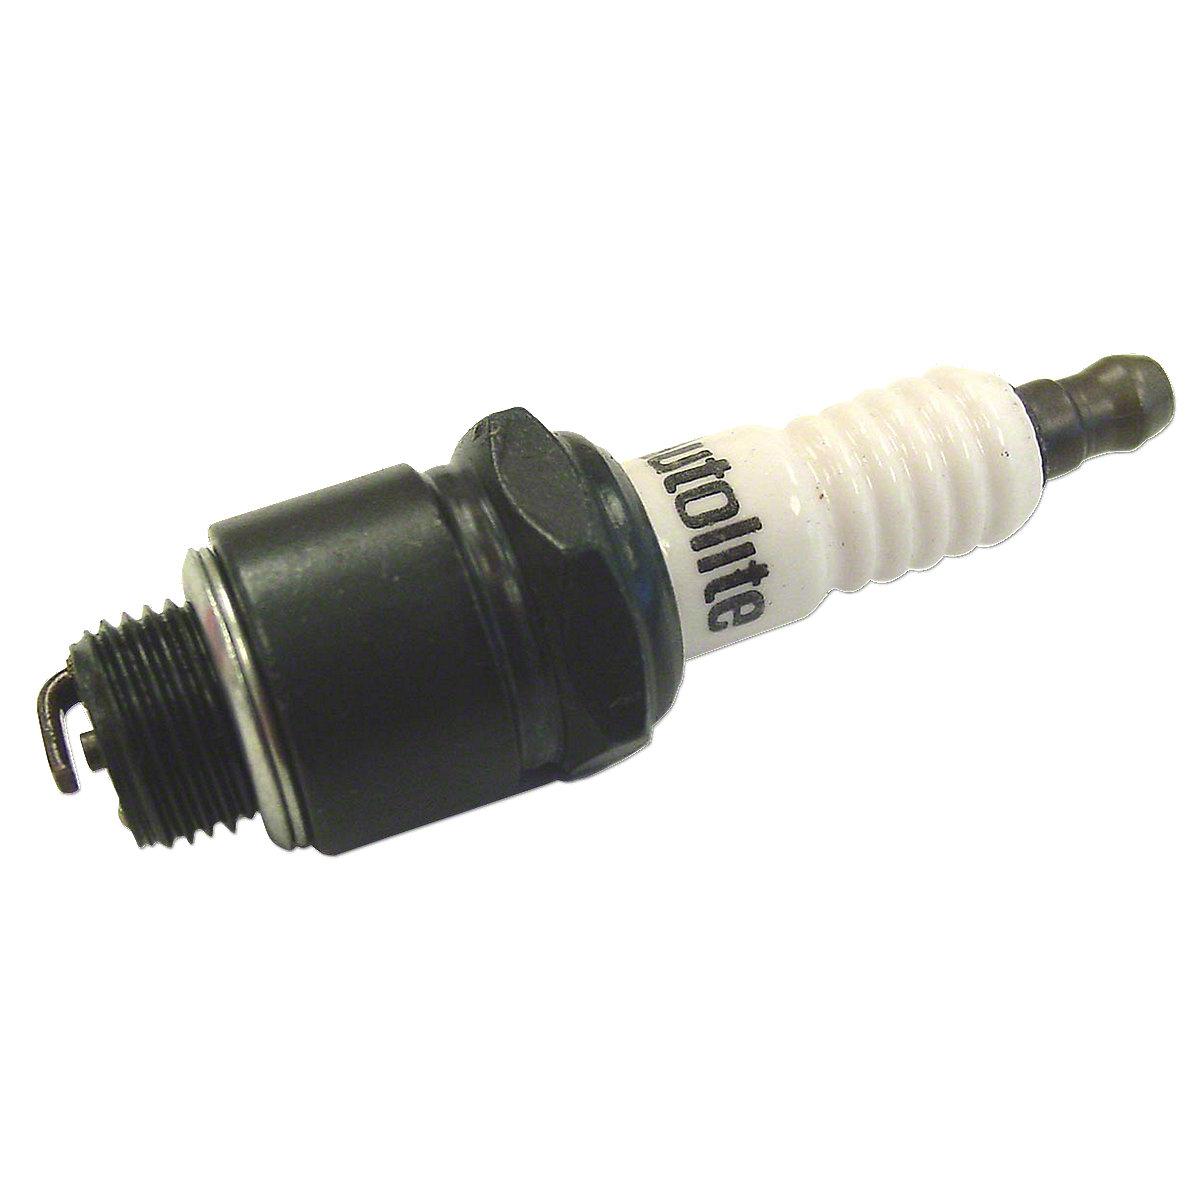 Autolite Spark Plug For Allis Chalmers: B, C, CA, D10, D12, D14, D15 Early Models, D17, G, IB, RC, WC, WD, WF.